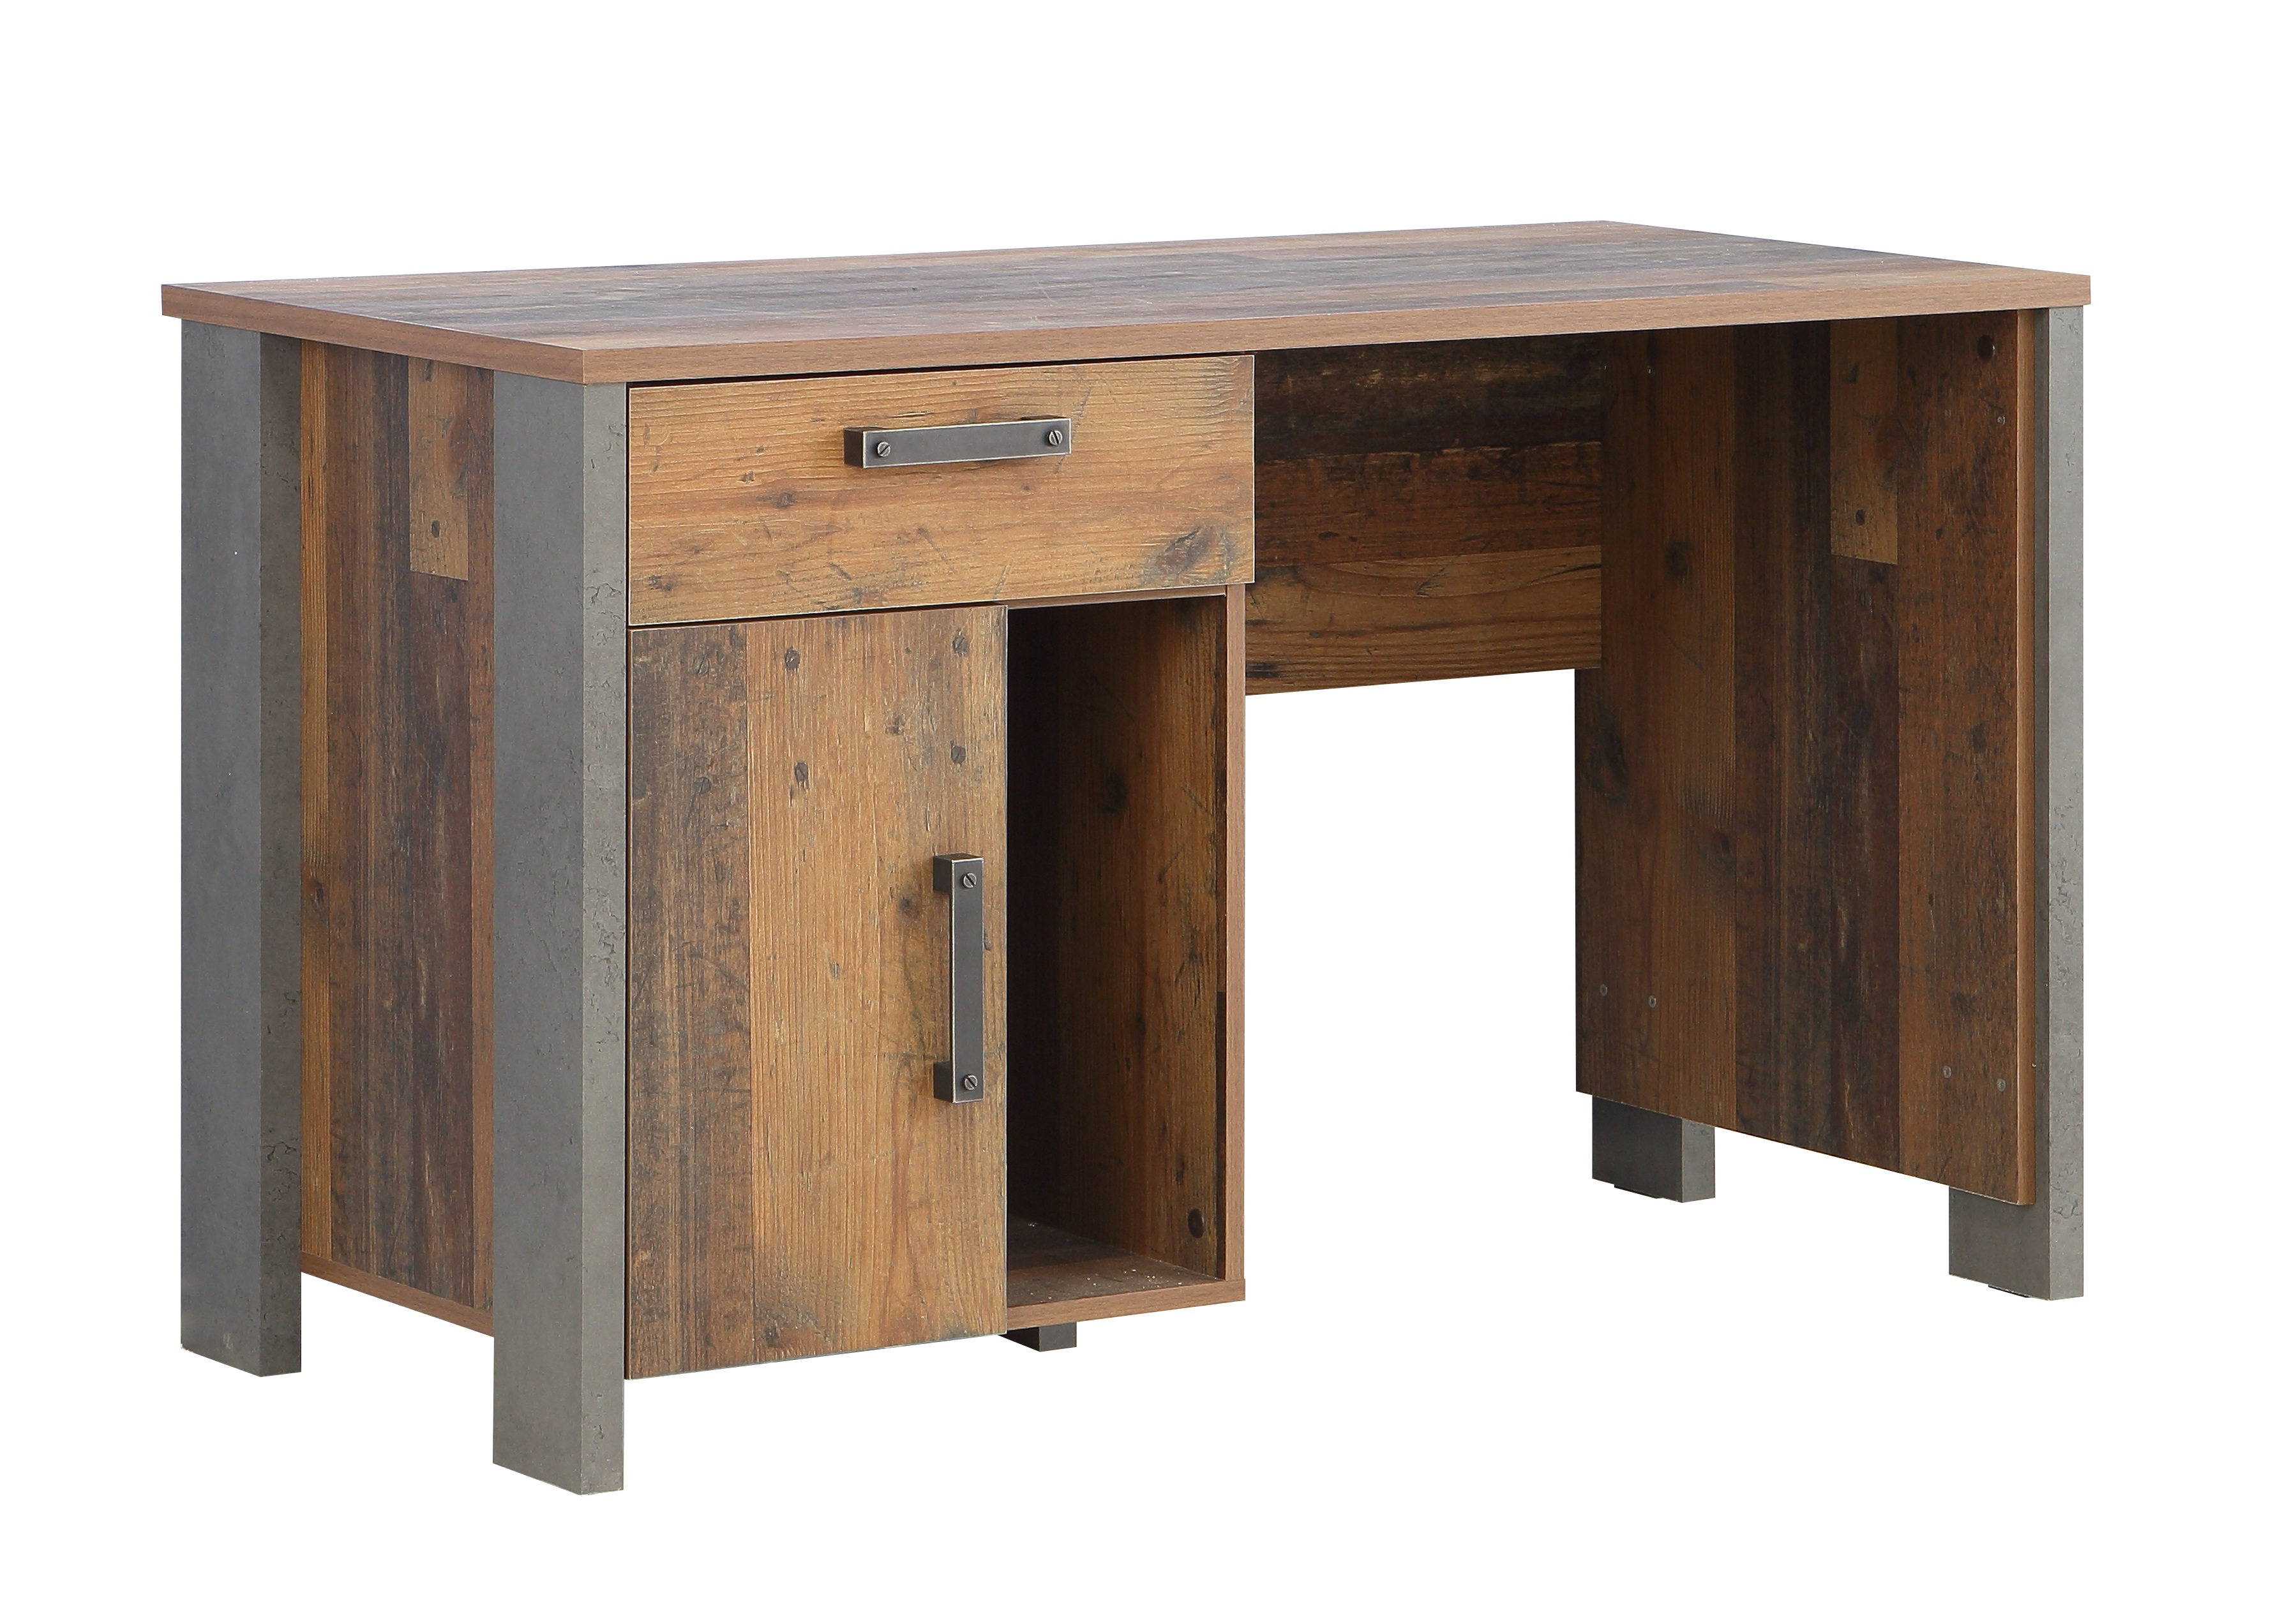 Schreibtisch vintage  Schreibtisch CLIF von Forte Old-Wood Vintage / Beton